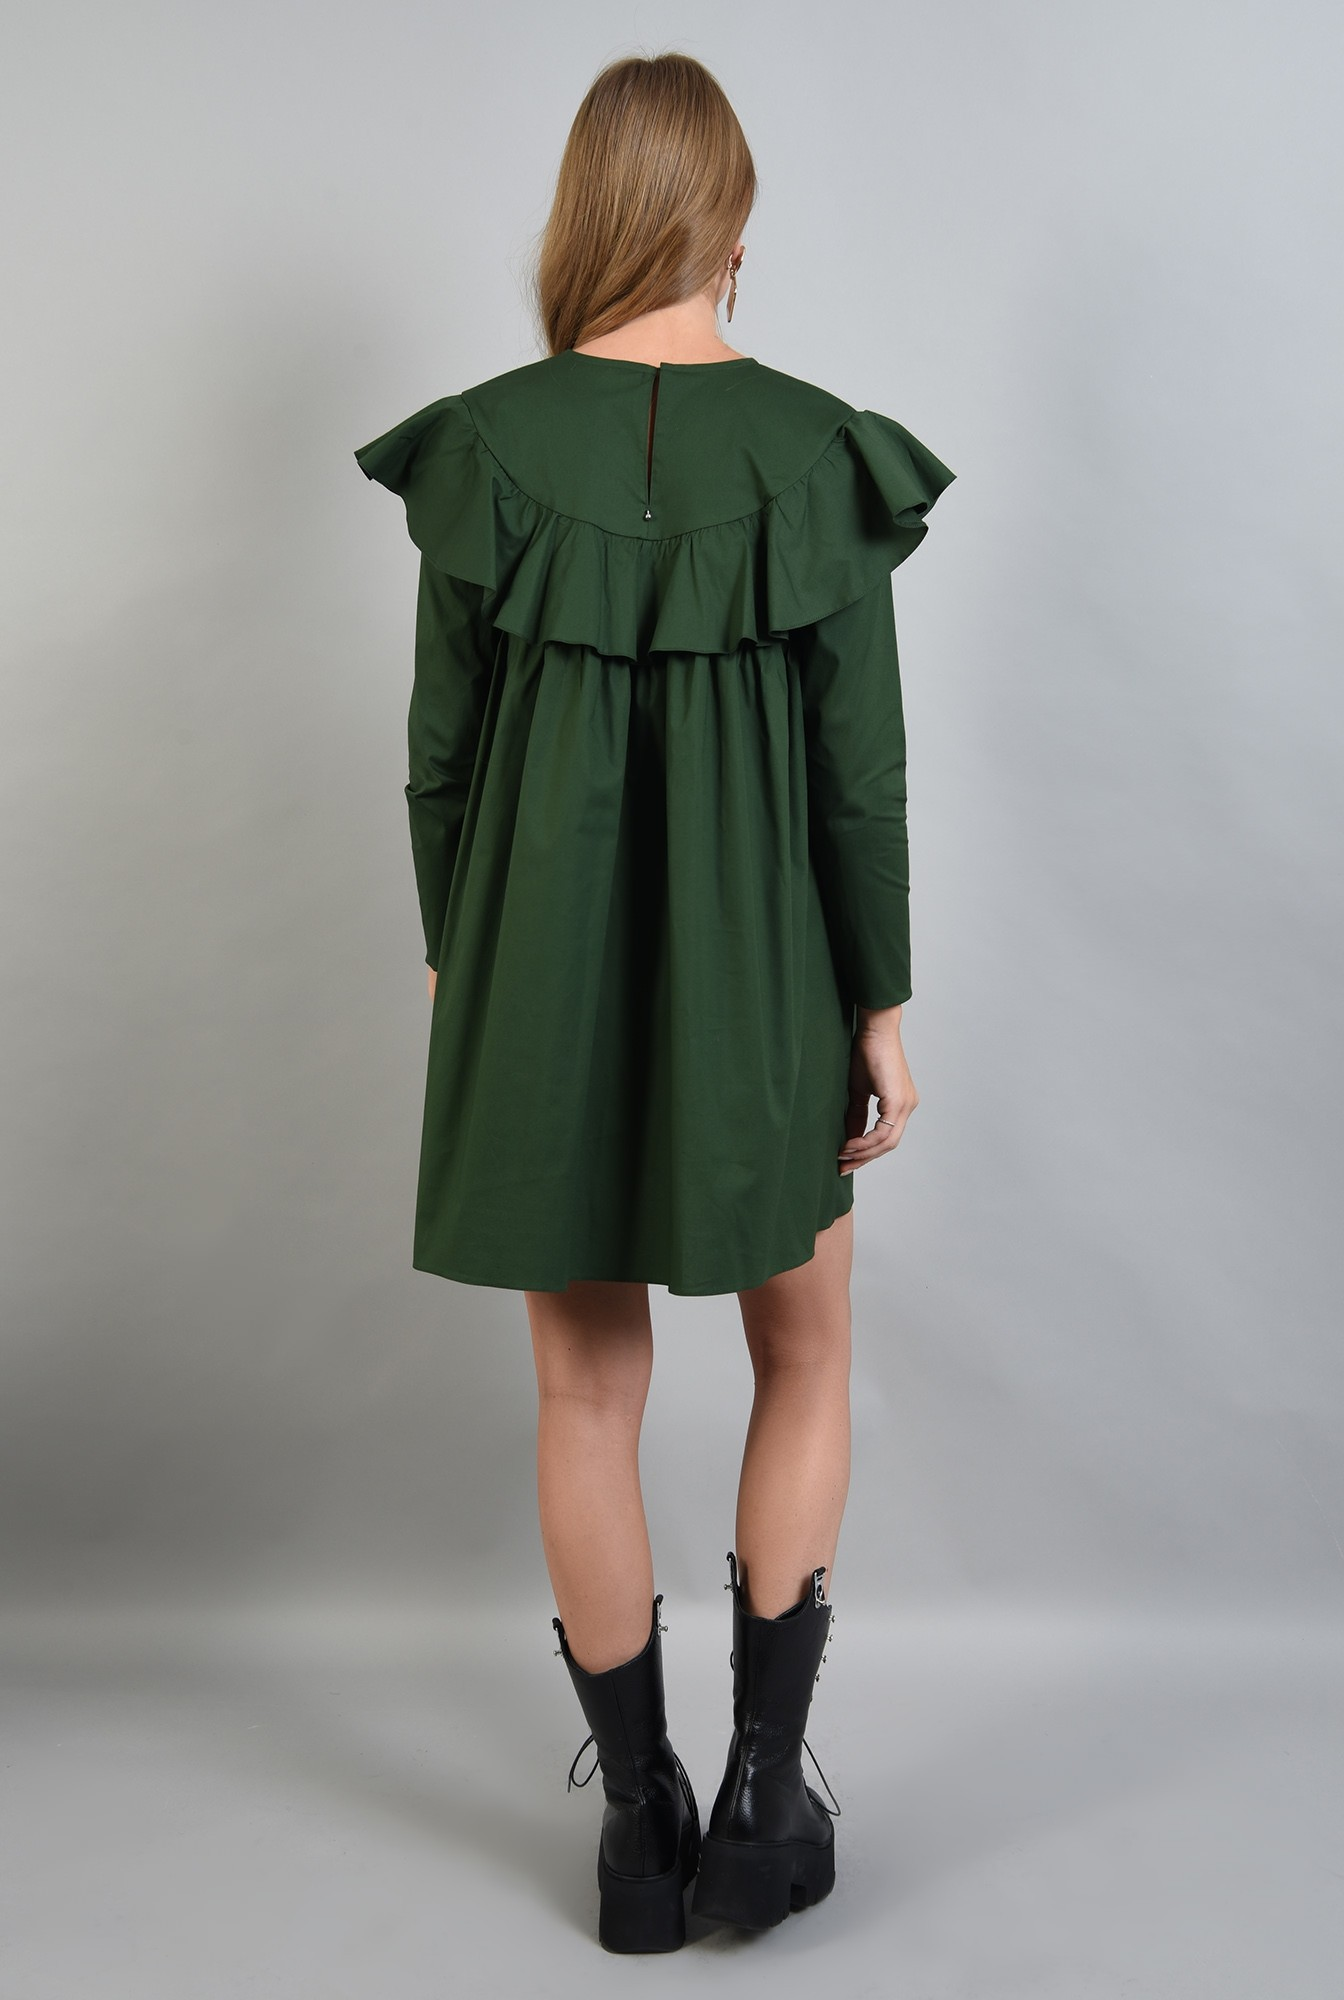 1 - rochie verde, dreapta, cu volan, Poema